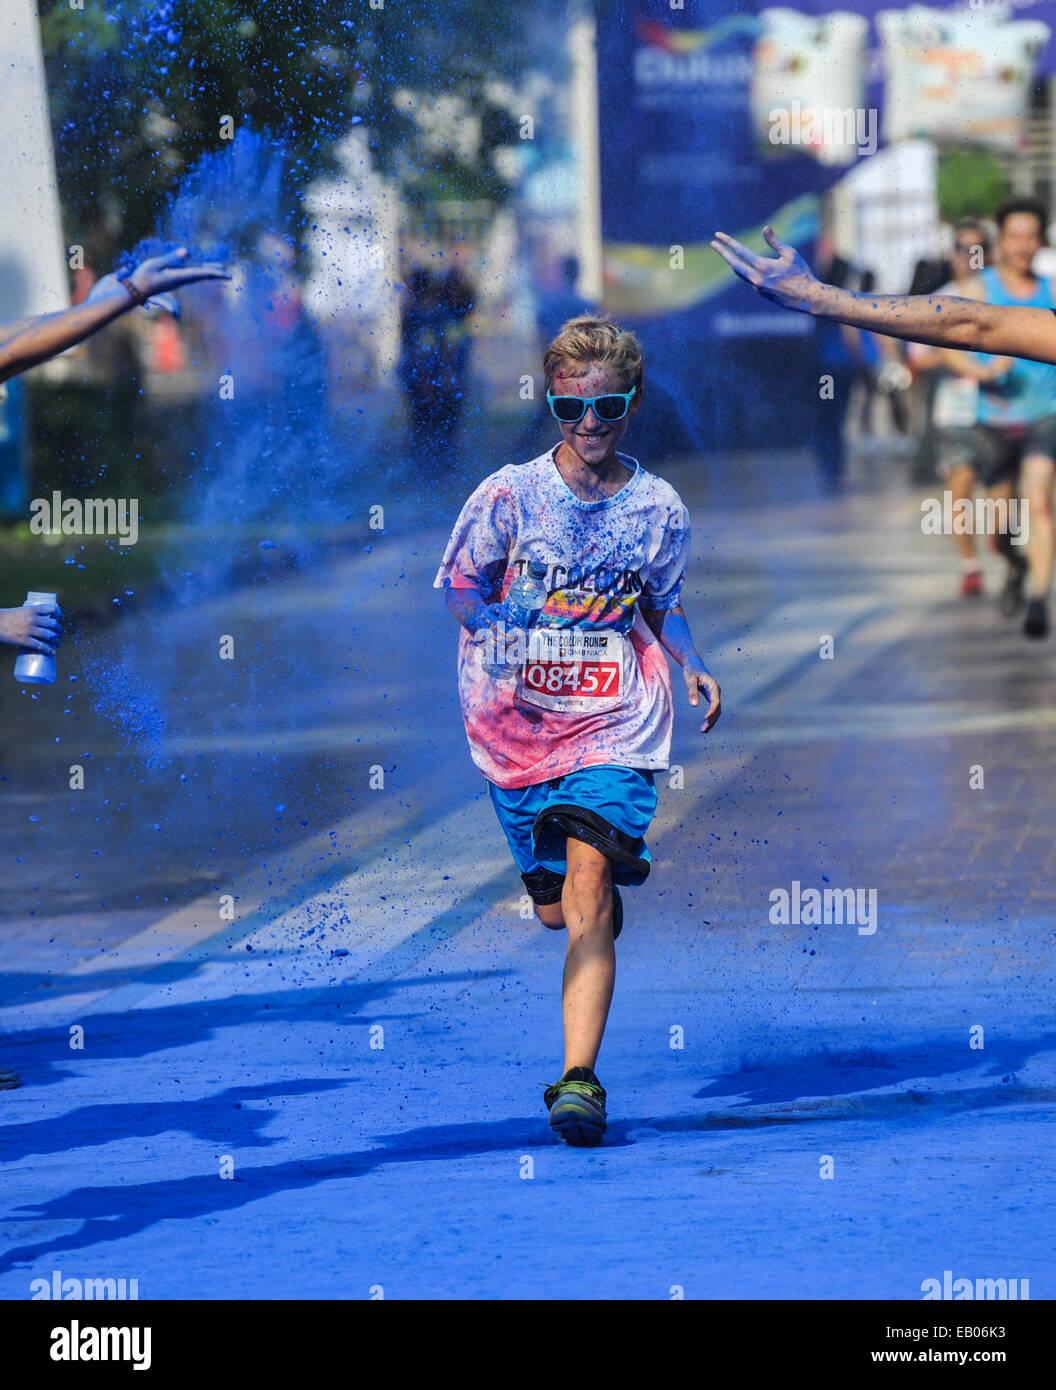 Jakarta, Indonesia. 23 Nov, 2014. Un runner è irrorato da polveri di colore durante un colore eseguire event Immagini Stock